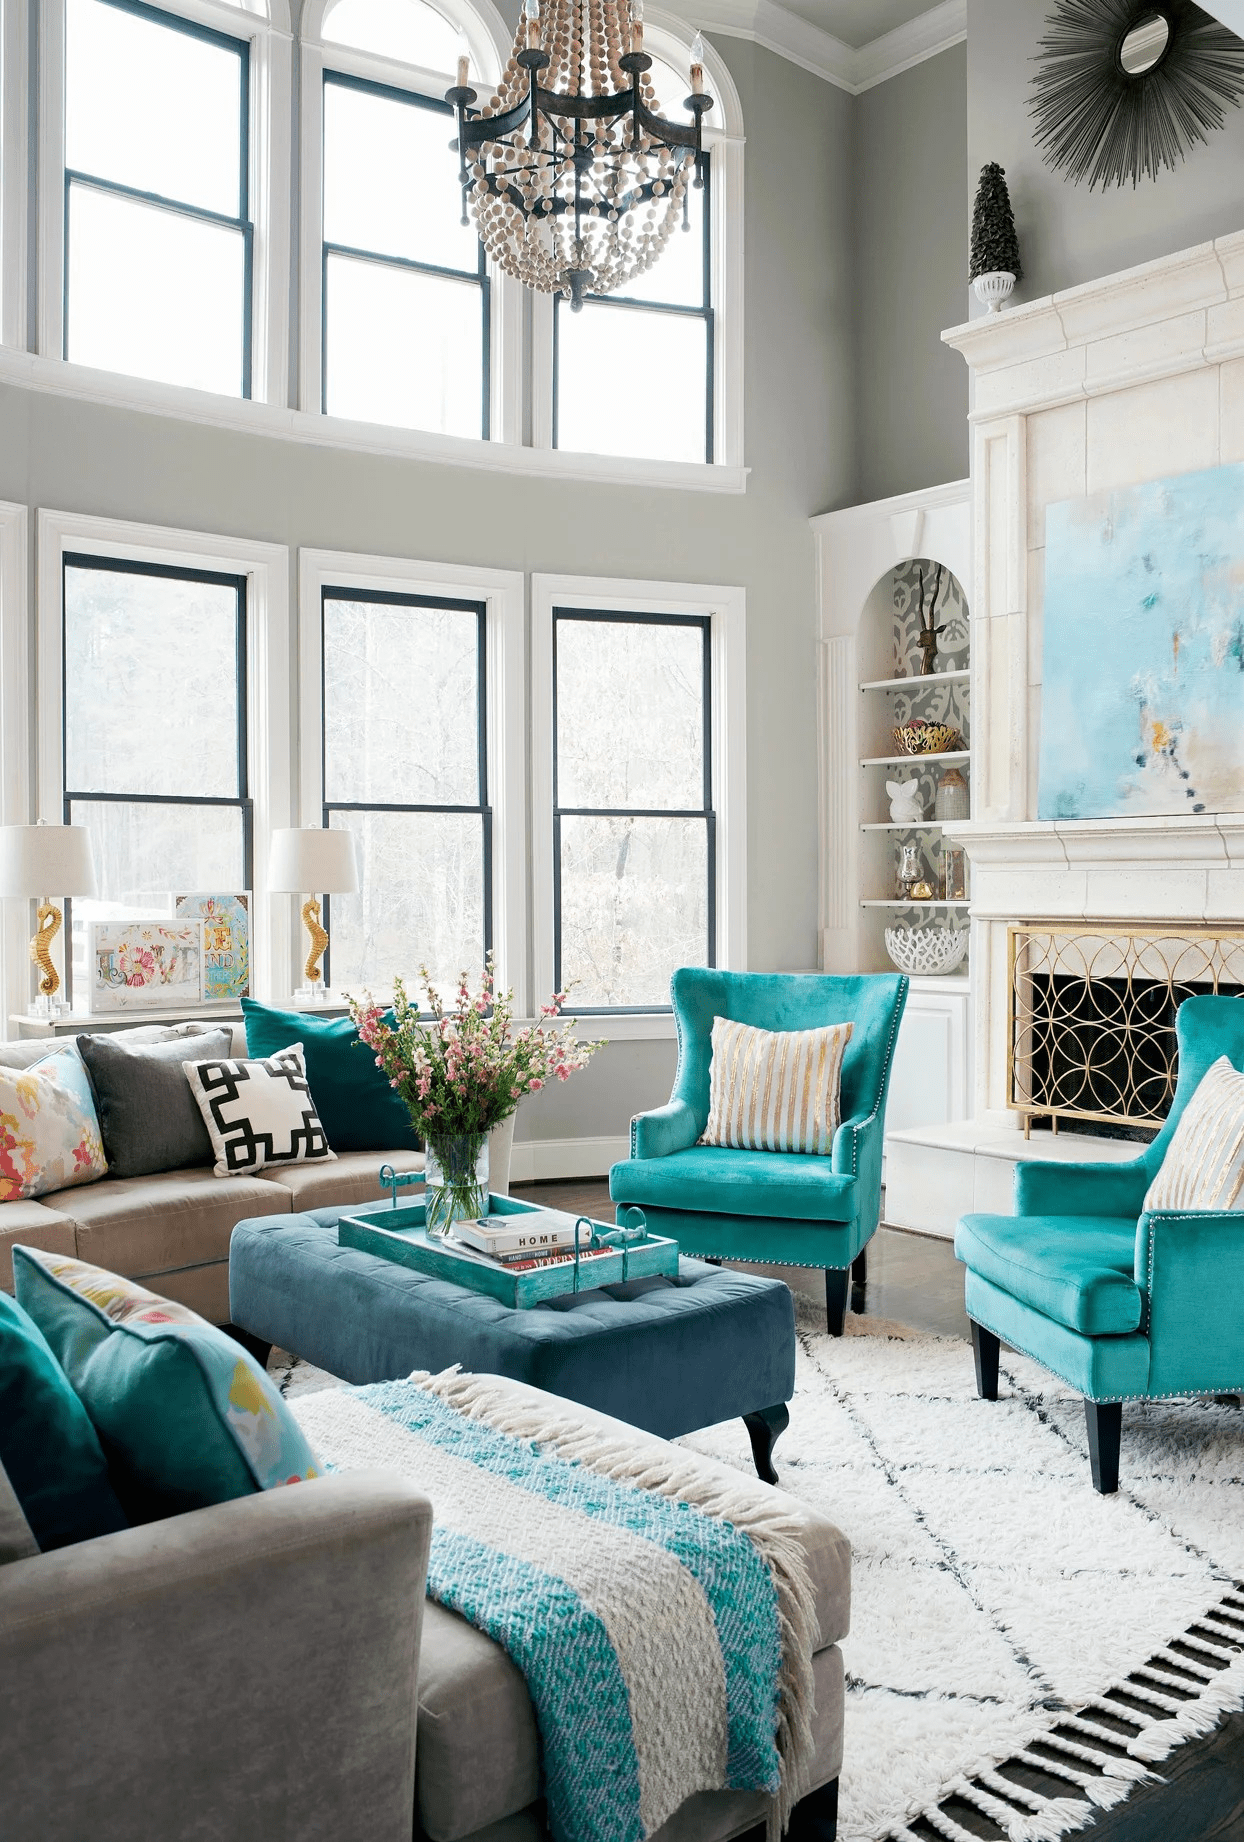 Sofa nhiều màu sắc tạo điểm nhấn nổi bật cho không gian sống hiện đại - Ảnh 1.